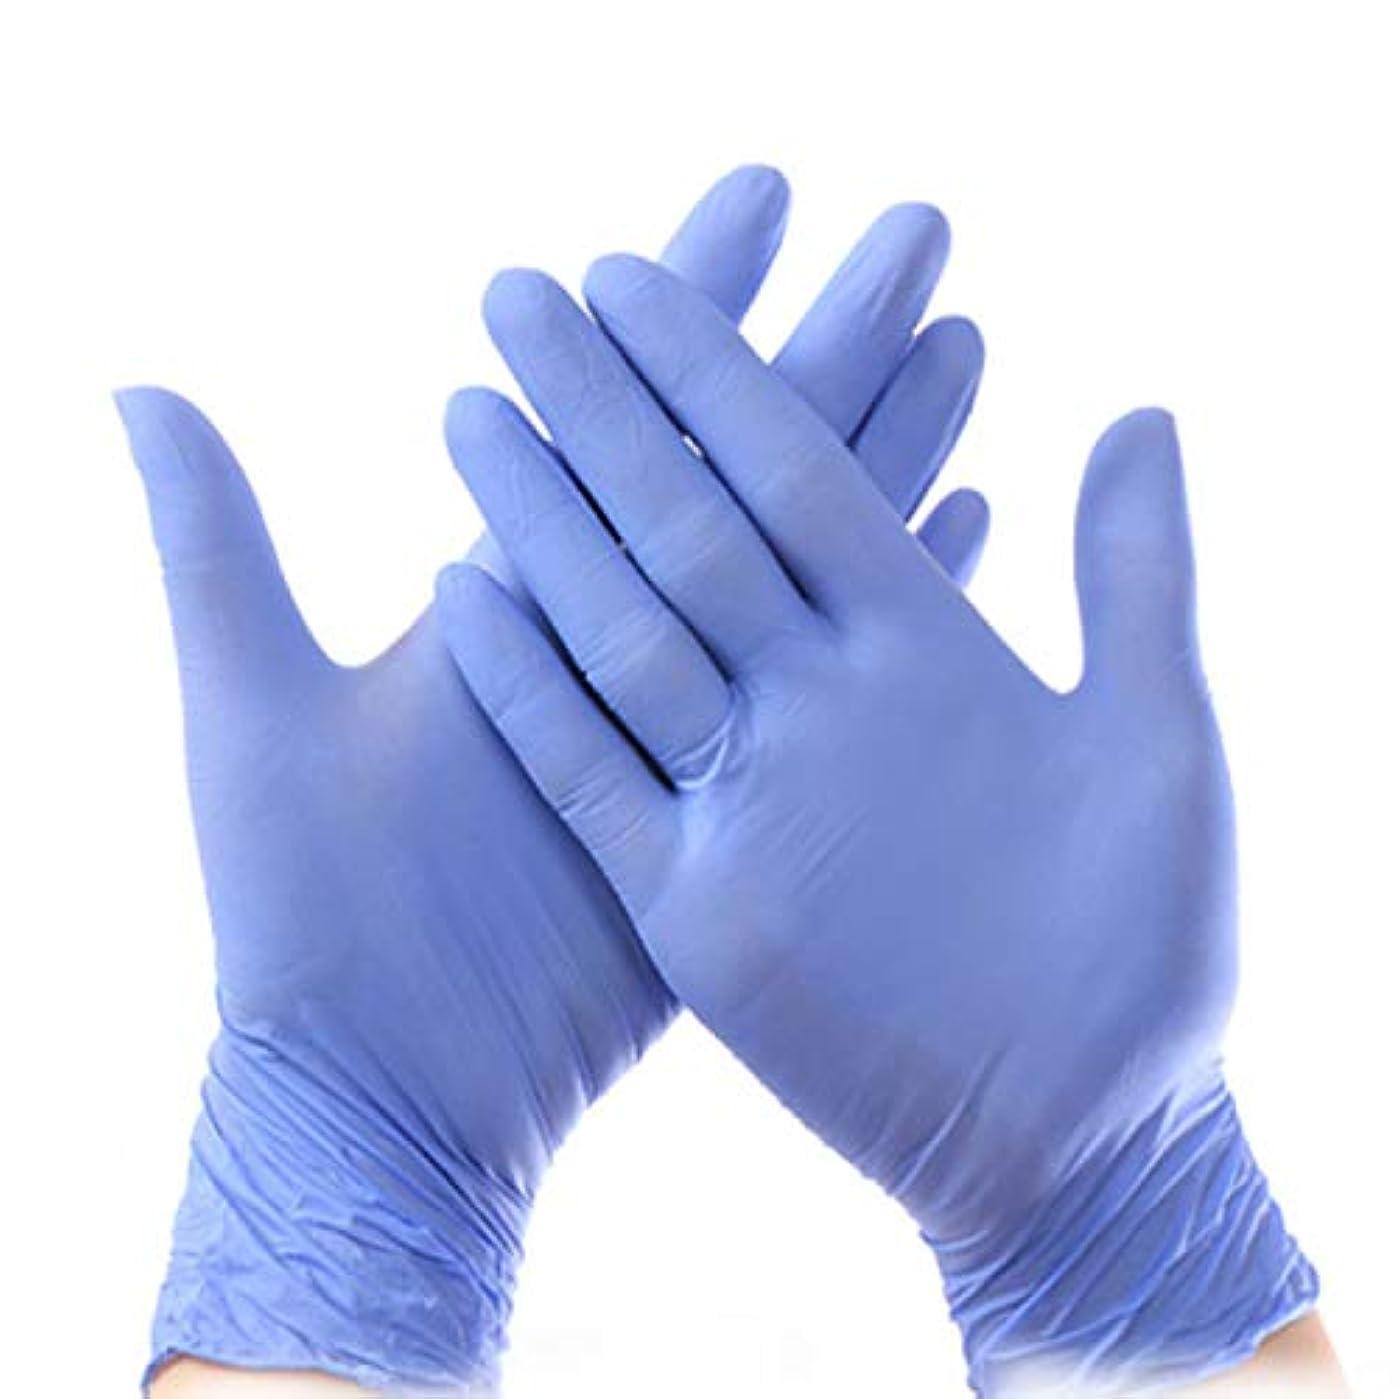 船尾平らなくしゃみ使い捨て手袋 ニトリル工業用手袋、パウダーフリー、使い捨て食品安全、パープル、ラテックスフリー、100個入り ニトリルゴム手袋 (Color : Purple, Size : S)